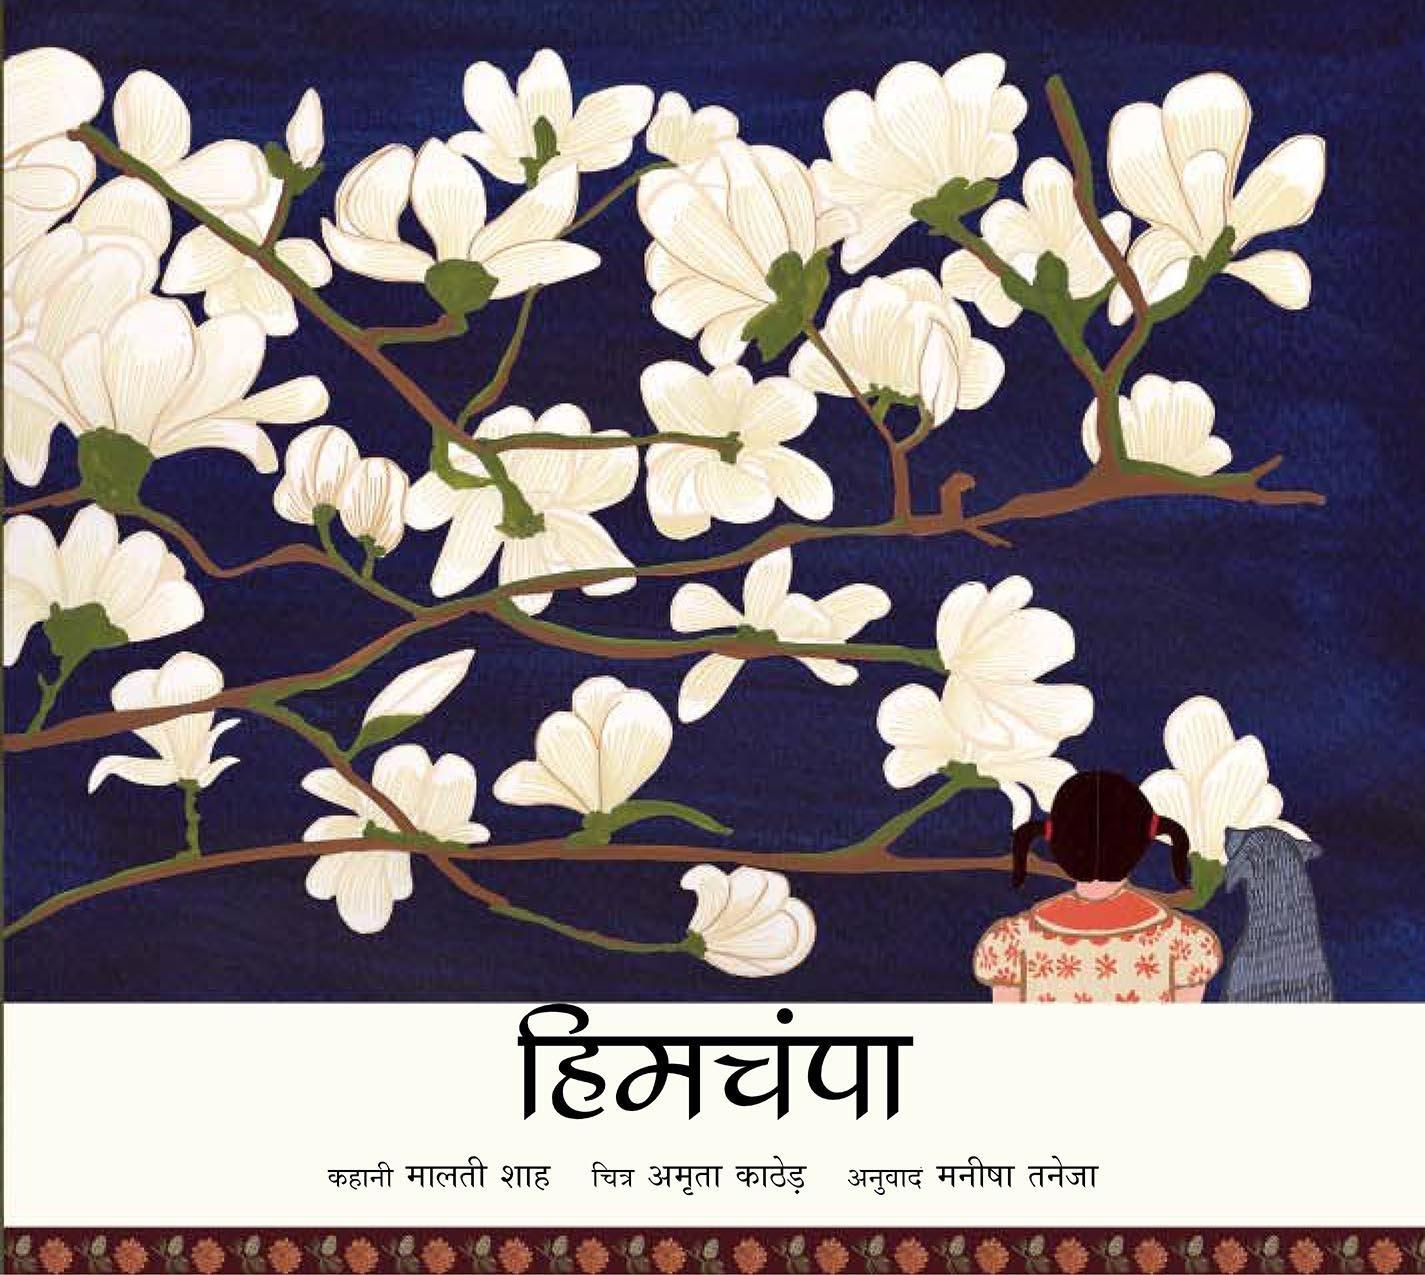 Magnolias/Himchampa (Hindi) Picture Books Age_5+ ISBN: 9789350460788